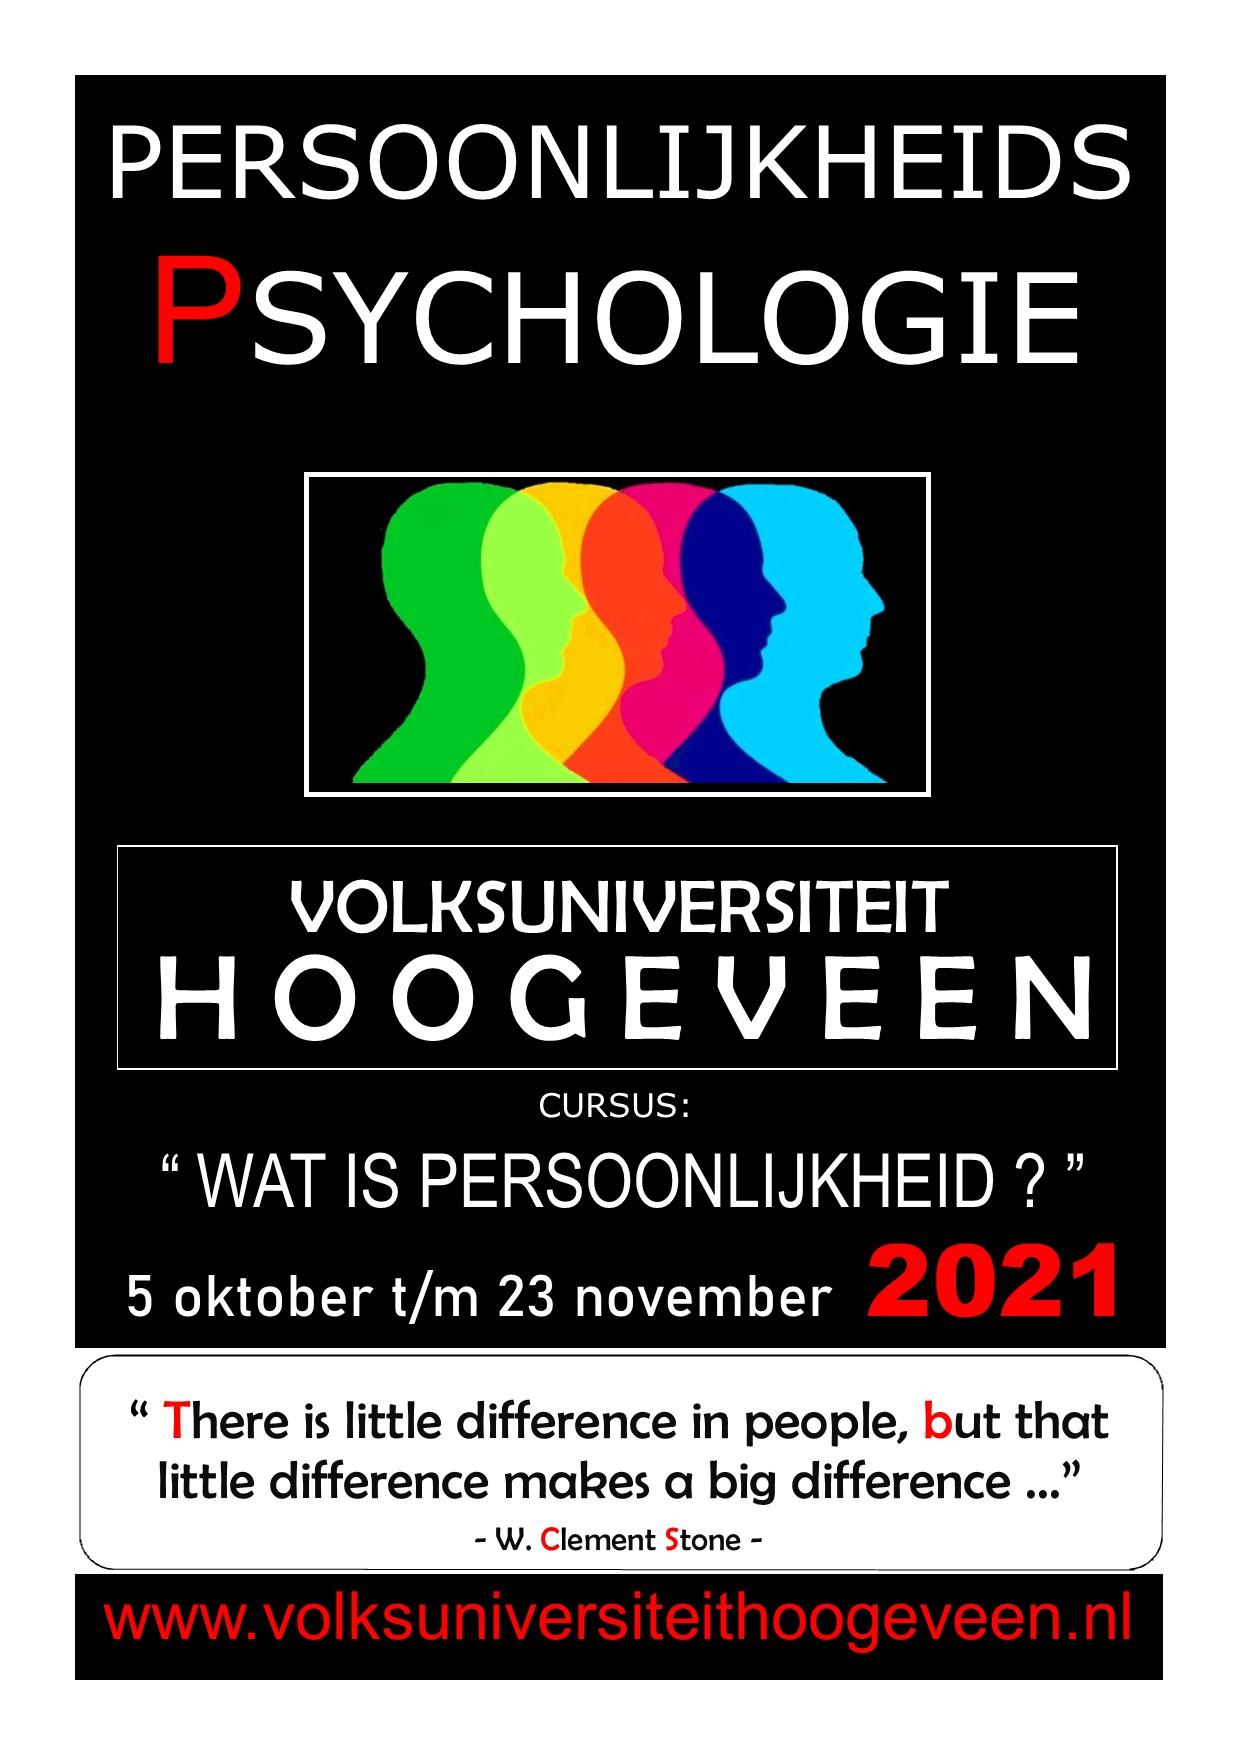 Cursus Psychologie - Wat is persoonlijkheid?